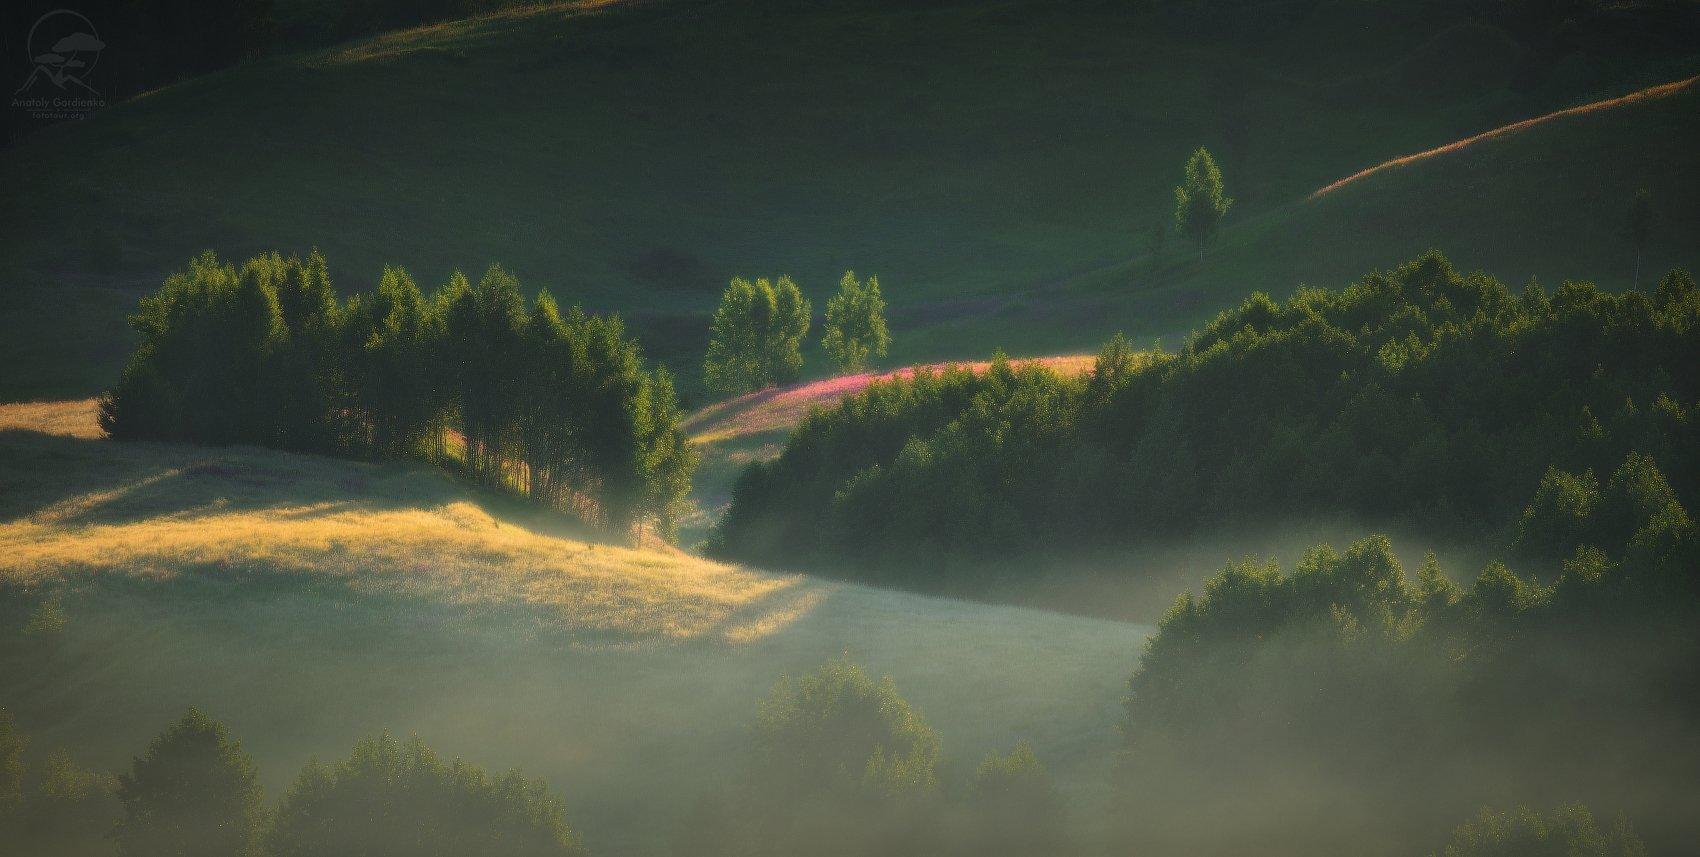 пейзаж, природа, холм, туман, россия, Гордиенко Анатолий